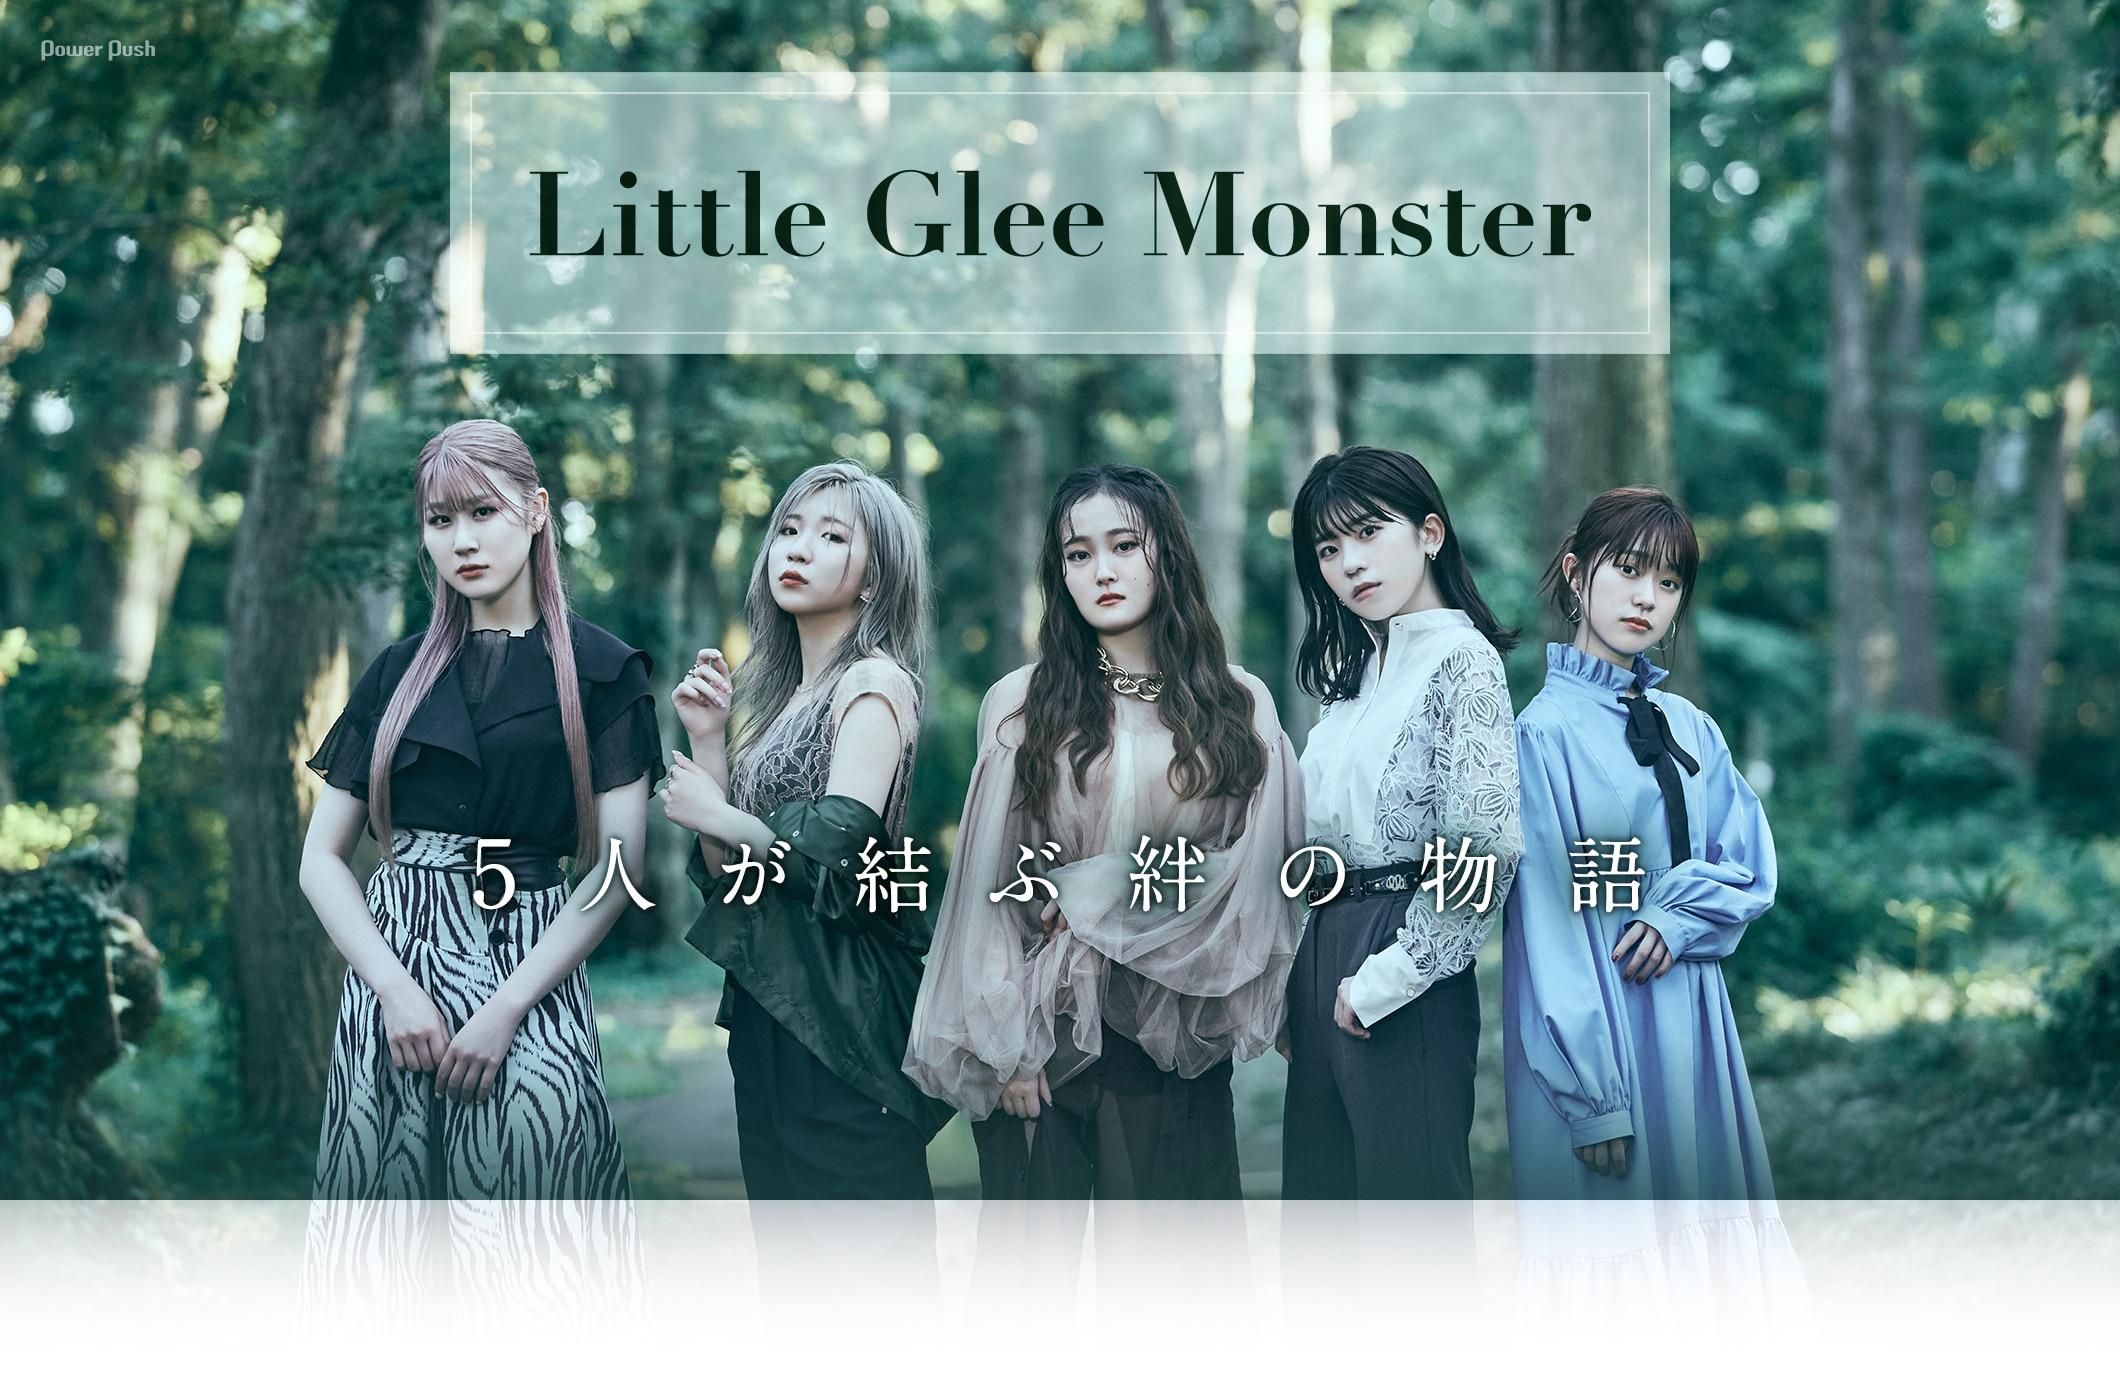 Little Glee Monster|5人が結ぶ絆の物語